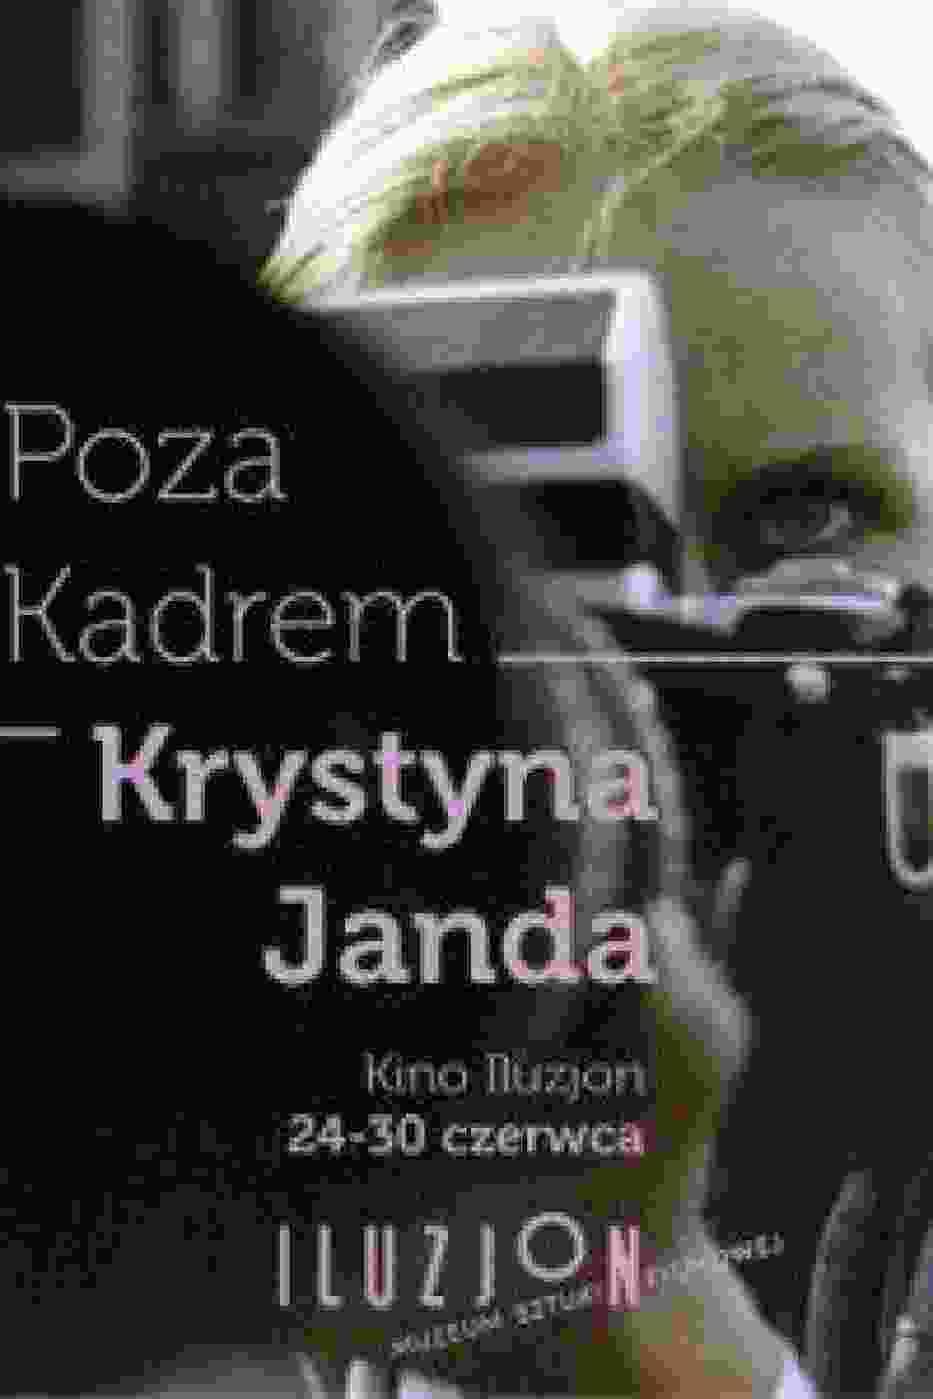 """Plakat przeglądu w Iluzjonie """"Poza Kadrem"""""""